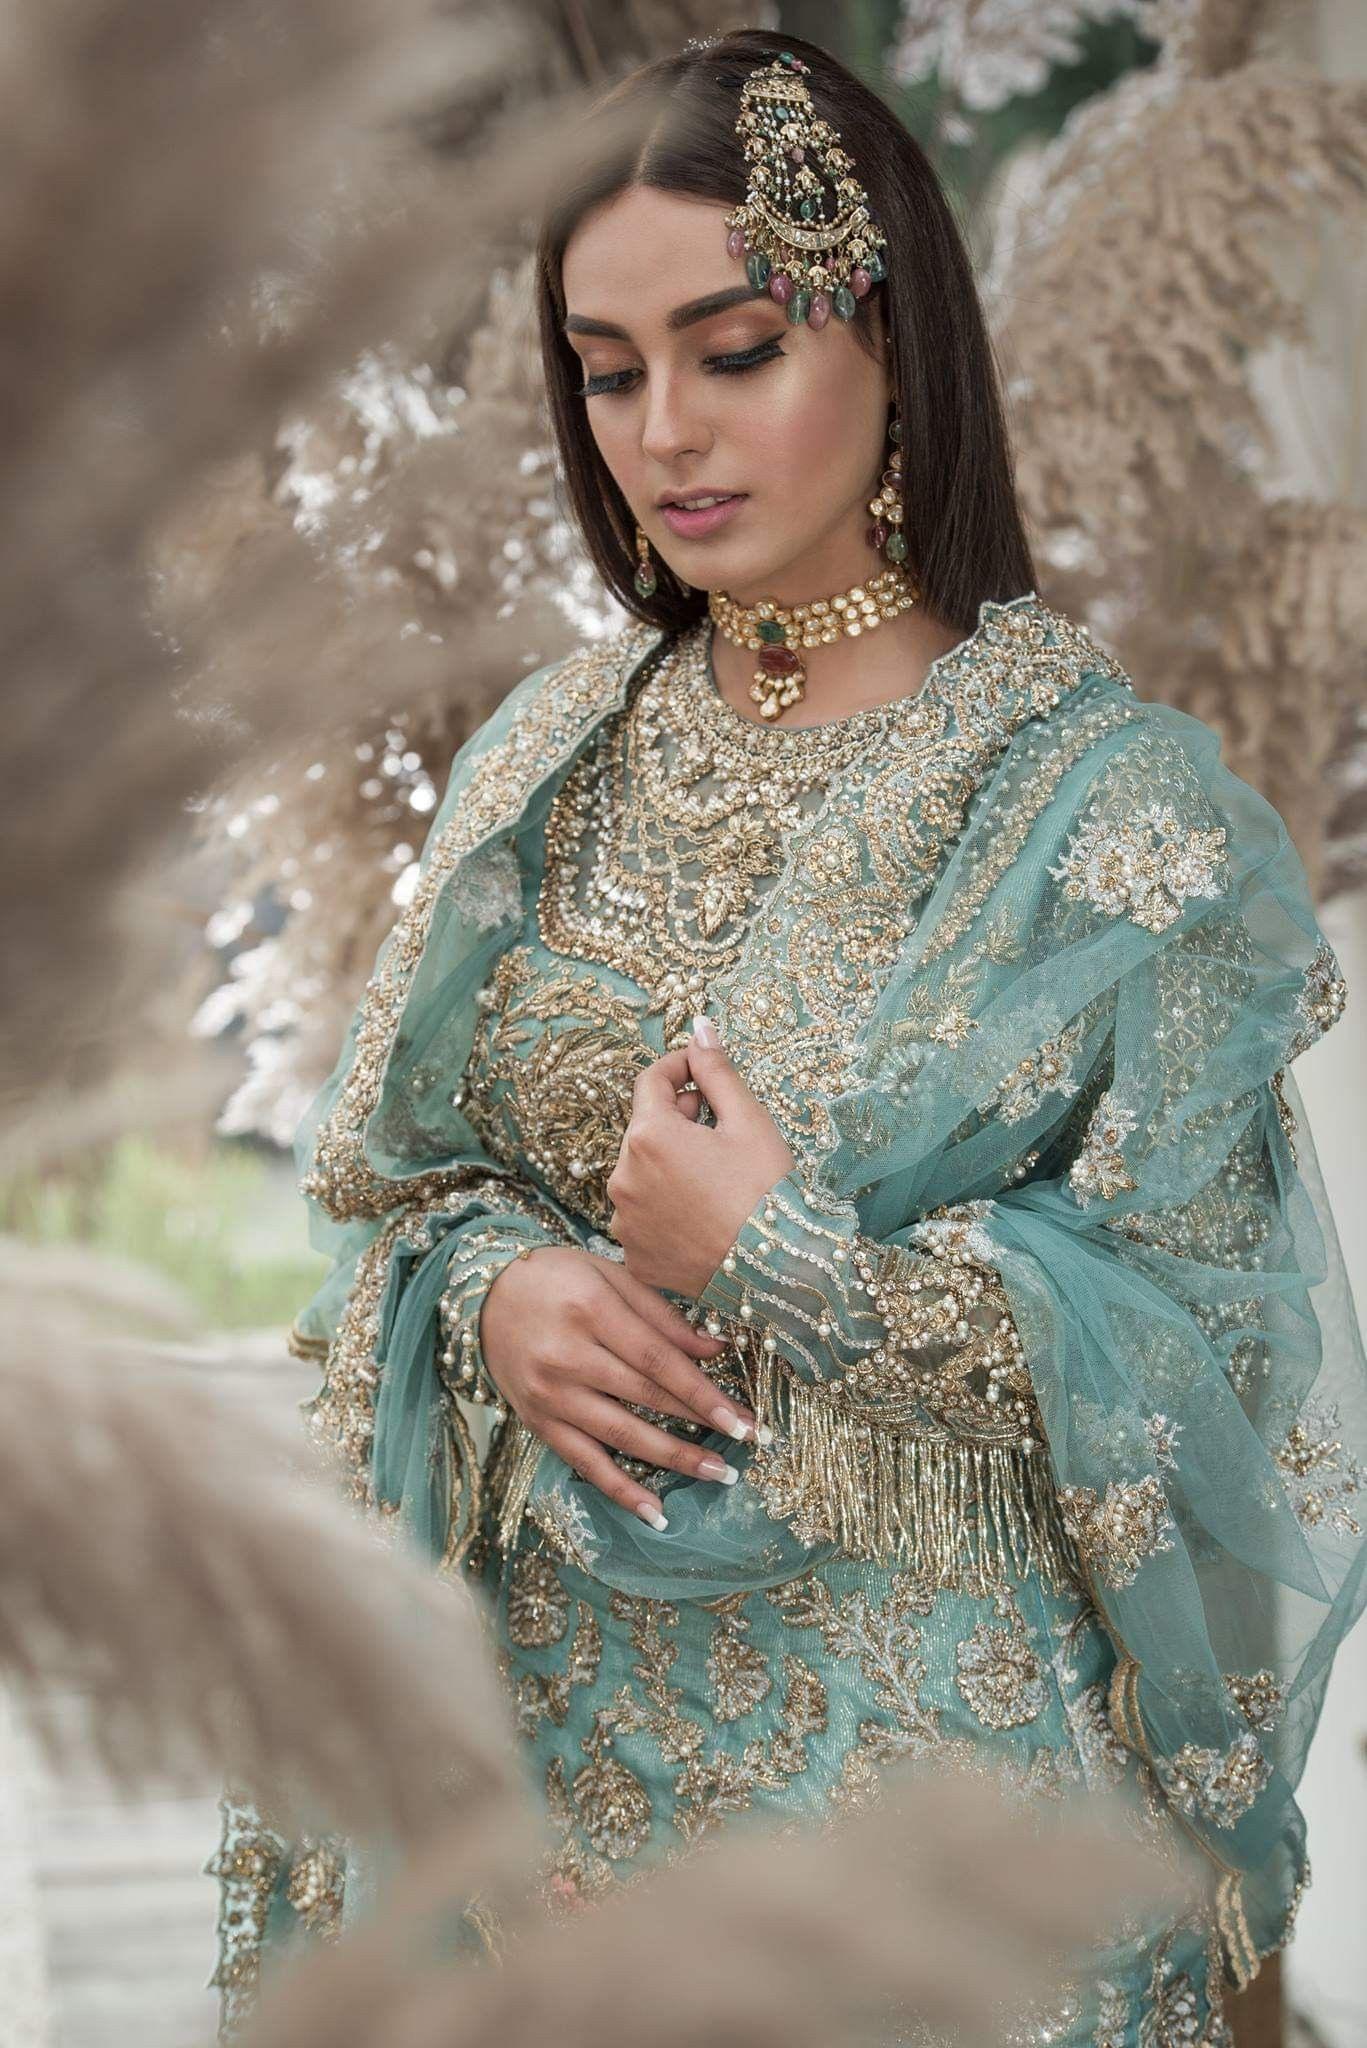 Pin Von Derya Auf Indian Fashion | Indische Outfits